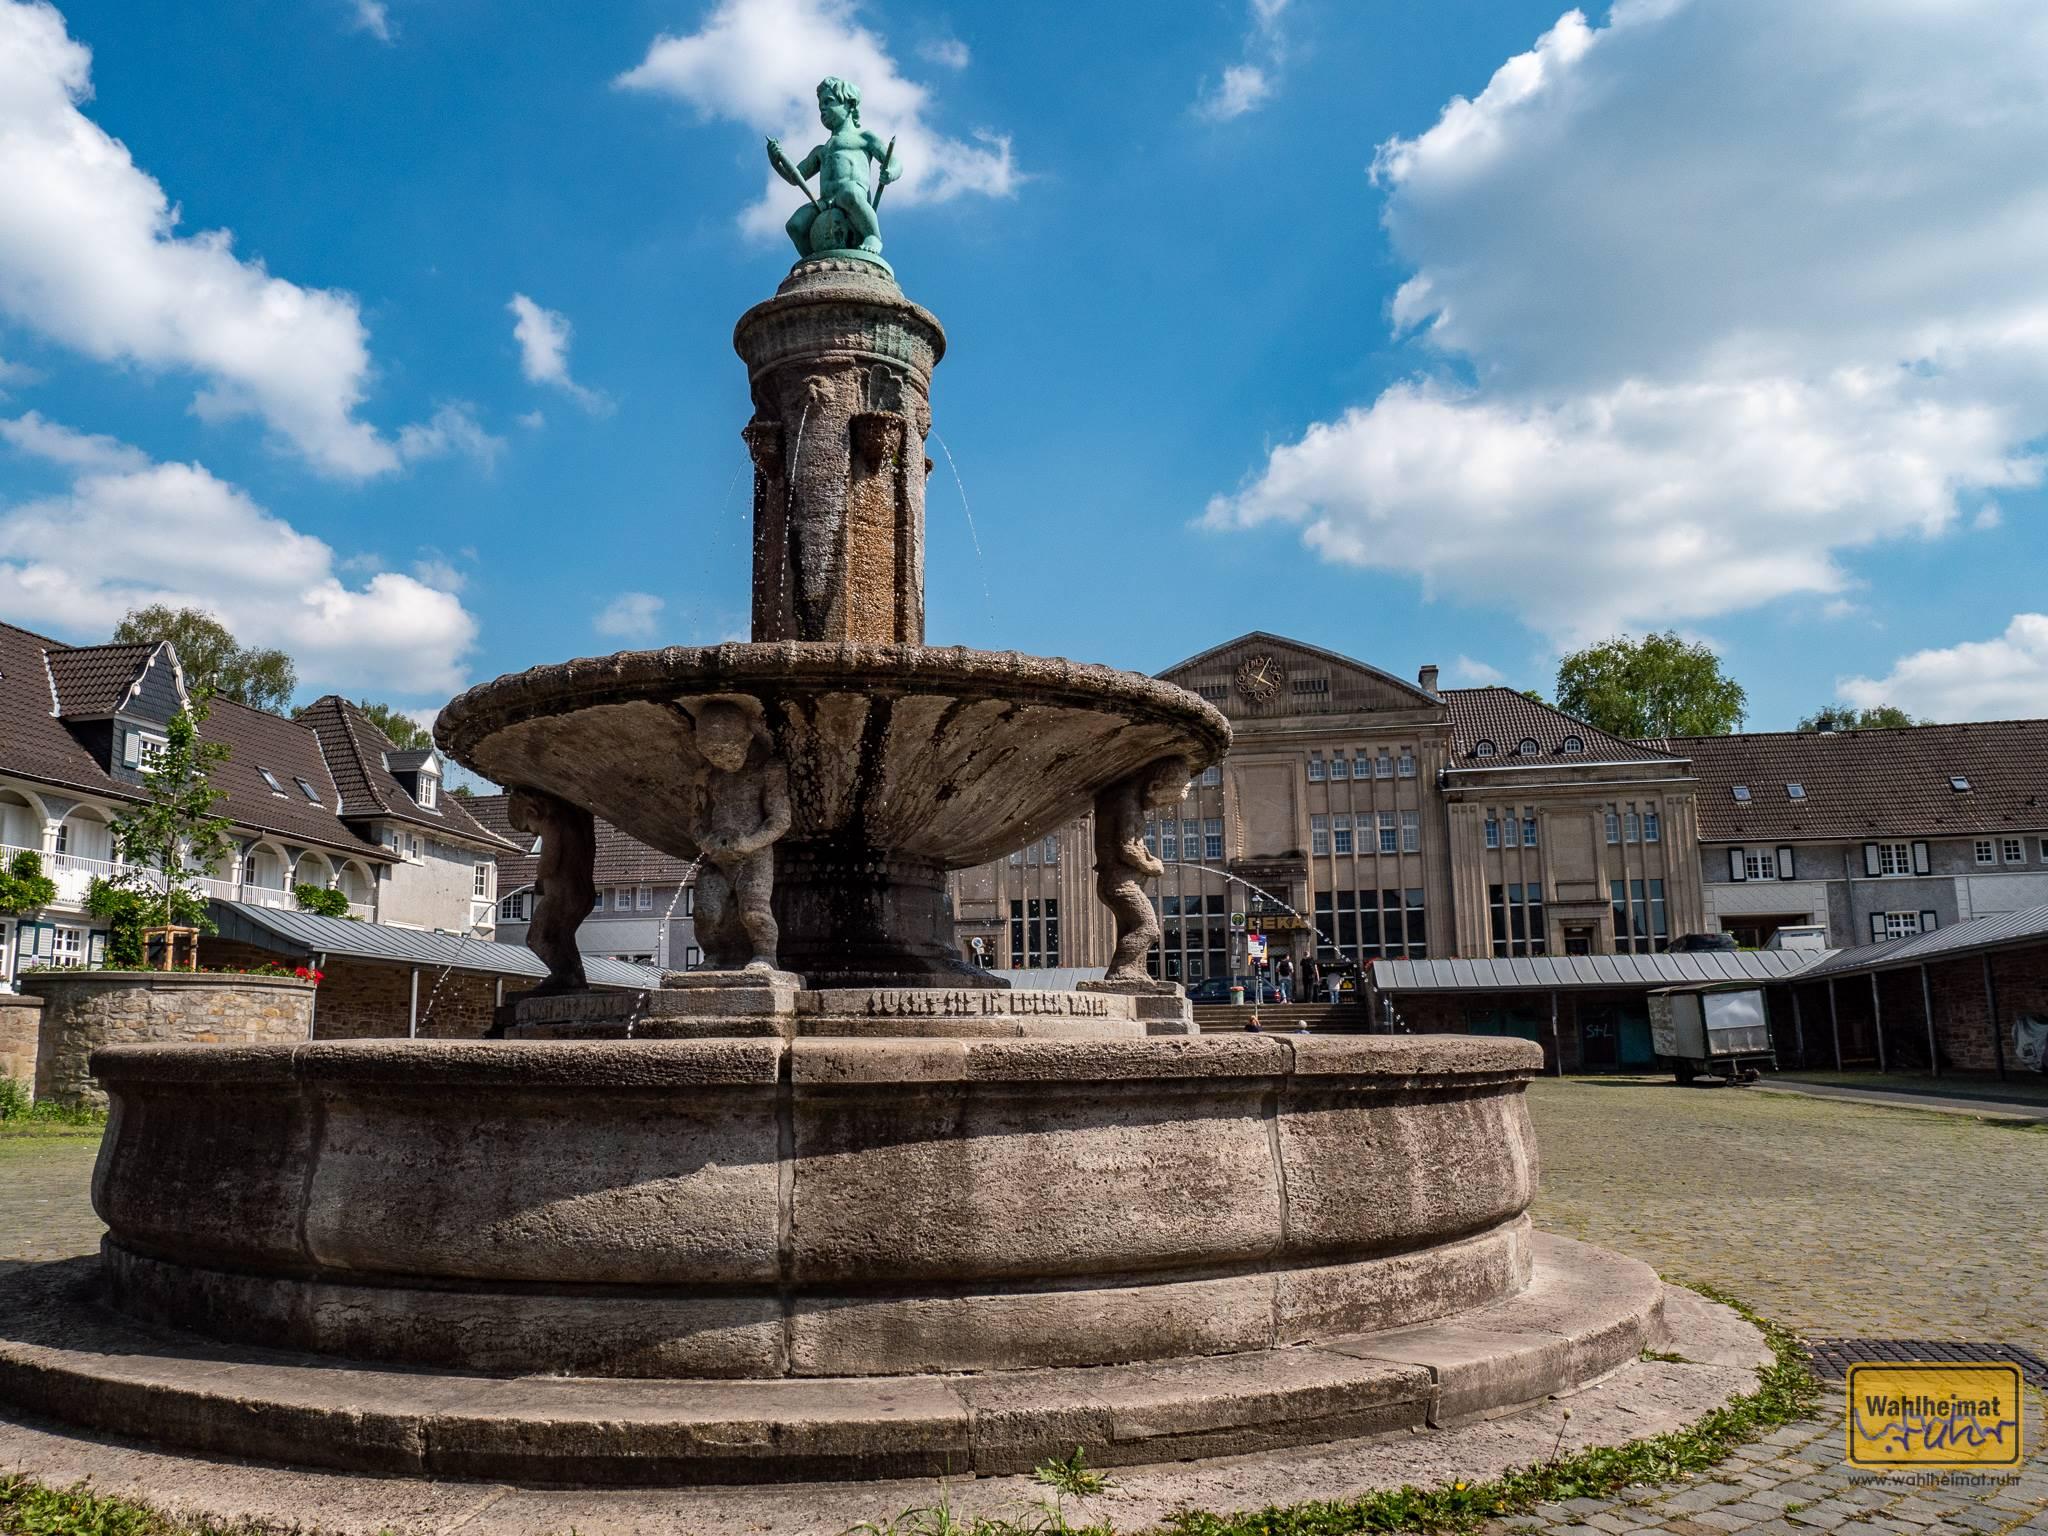 """Auf der Margarethenhöhe gibt es einen schönen Marktplatz - der dort befindliche Brunnen ist sowas wie ein Wahrzeichen und wird auch als Schatzgräberbrunnen betitelt. Die Inschrift lautet """"Grabt Schätze nicht mit Spaten, sucht sie in edlen Taten."""""""